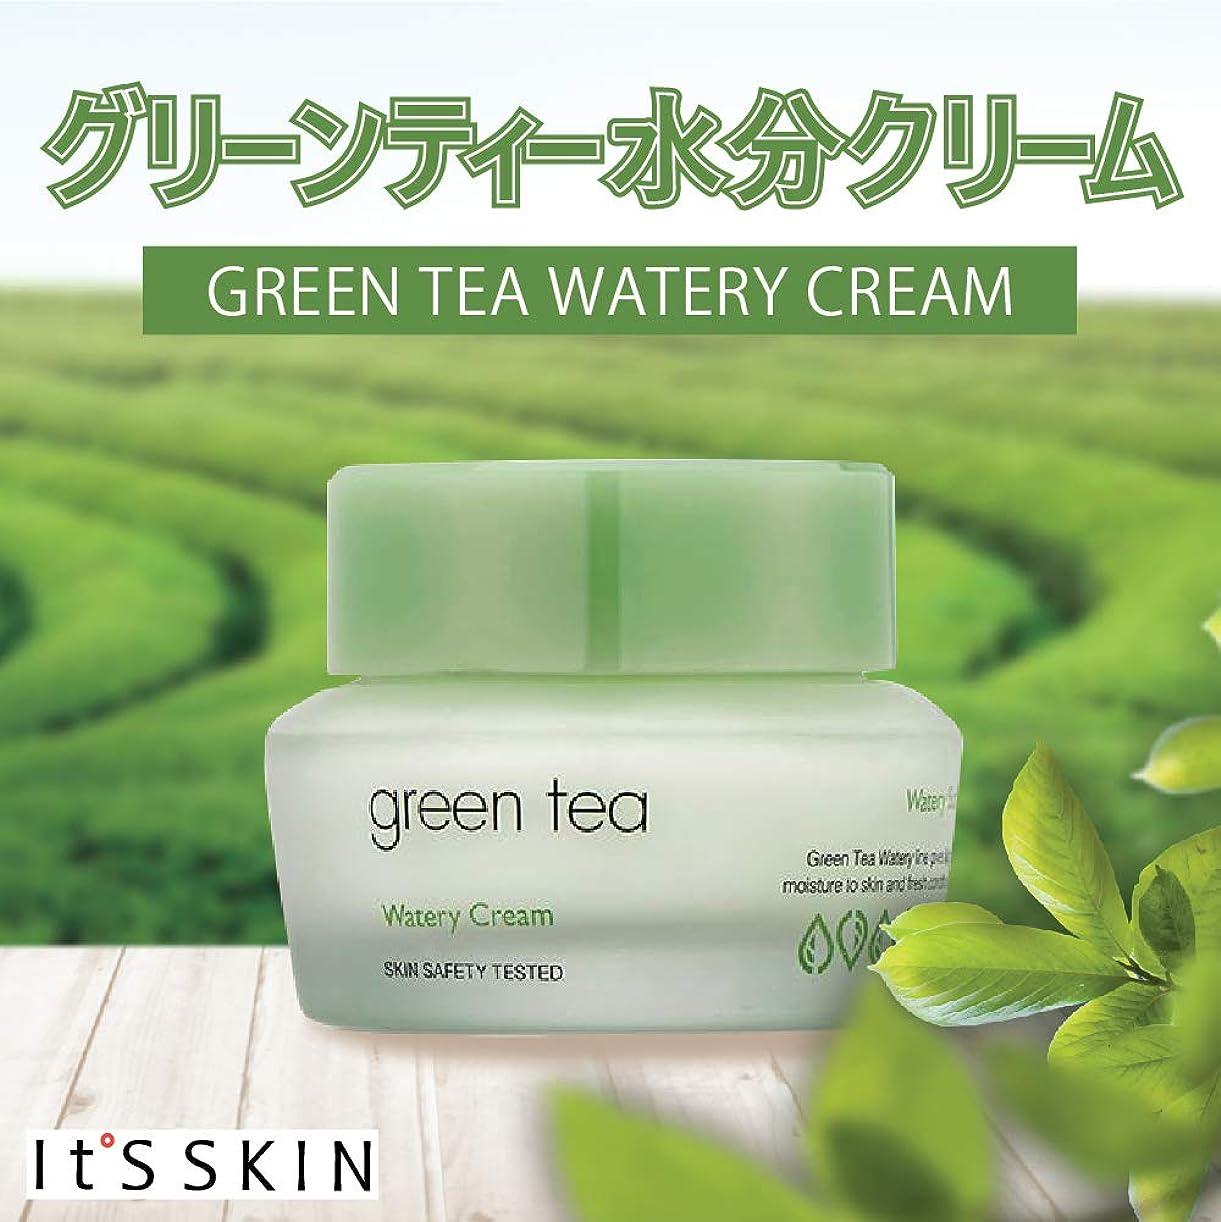 算術悲鳴スティーブンソンIt's SKIN イッツスキン グリーン ティー ウォーターリー クリーム Green Tea Watery Cream 50g 【 水分 クリーム しっとり 保湿 キメ 韓国コスメ 】